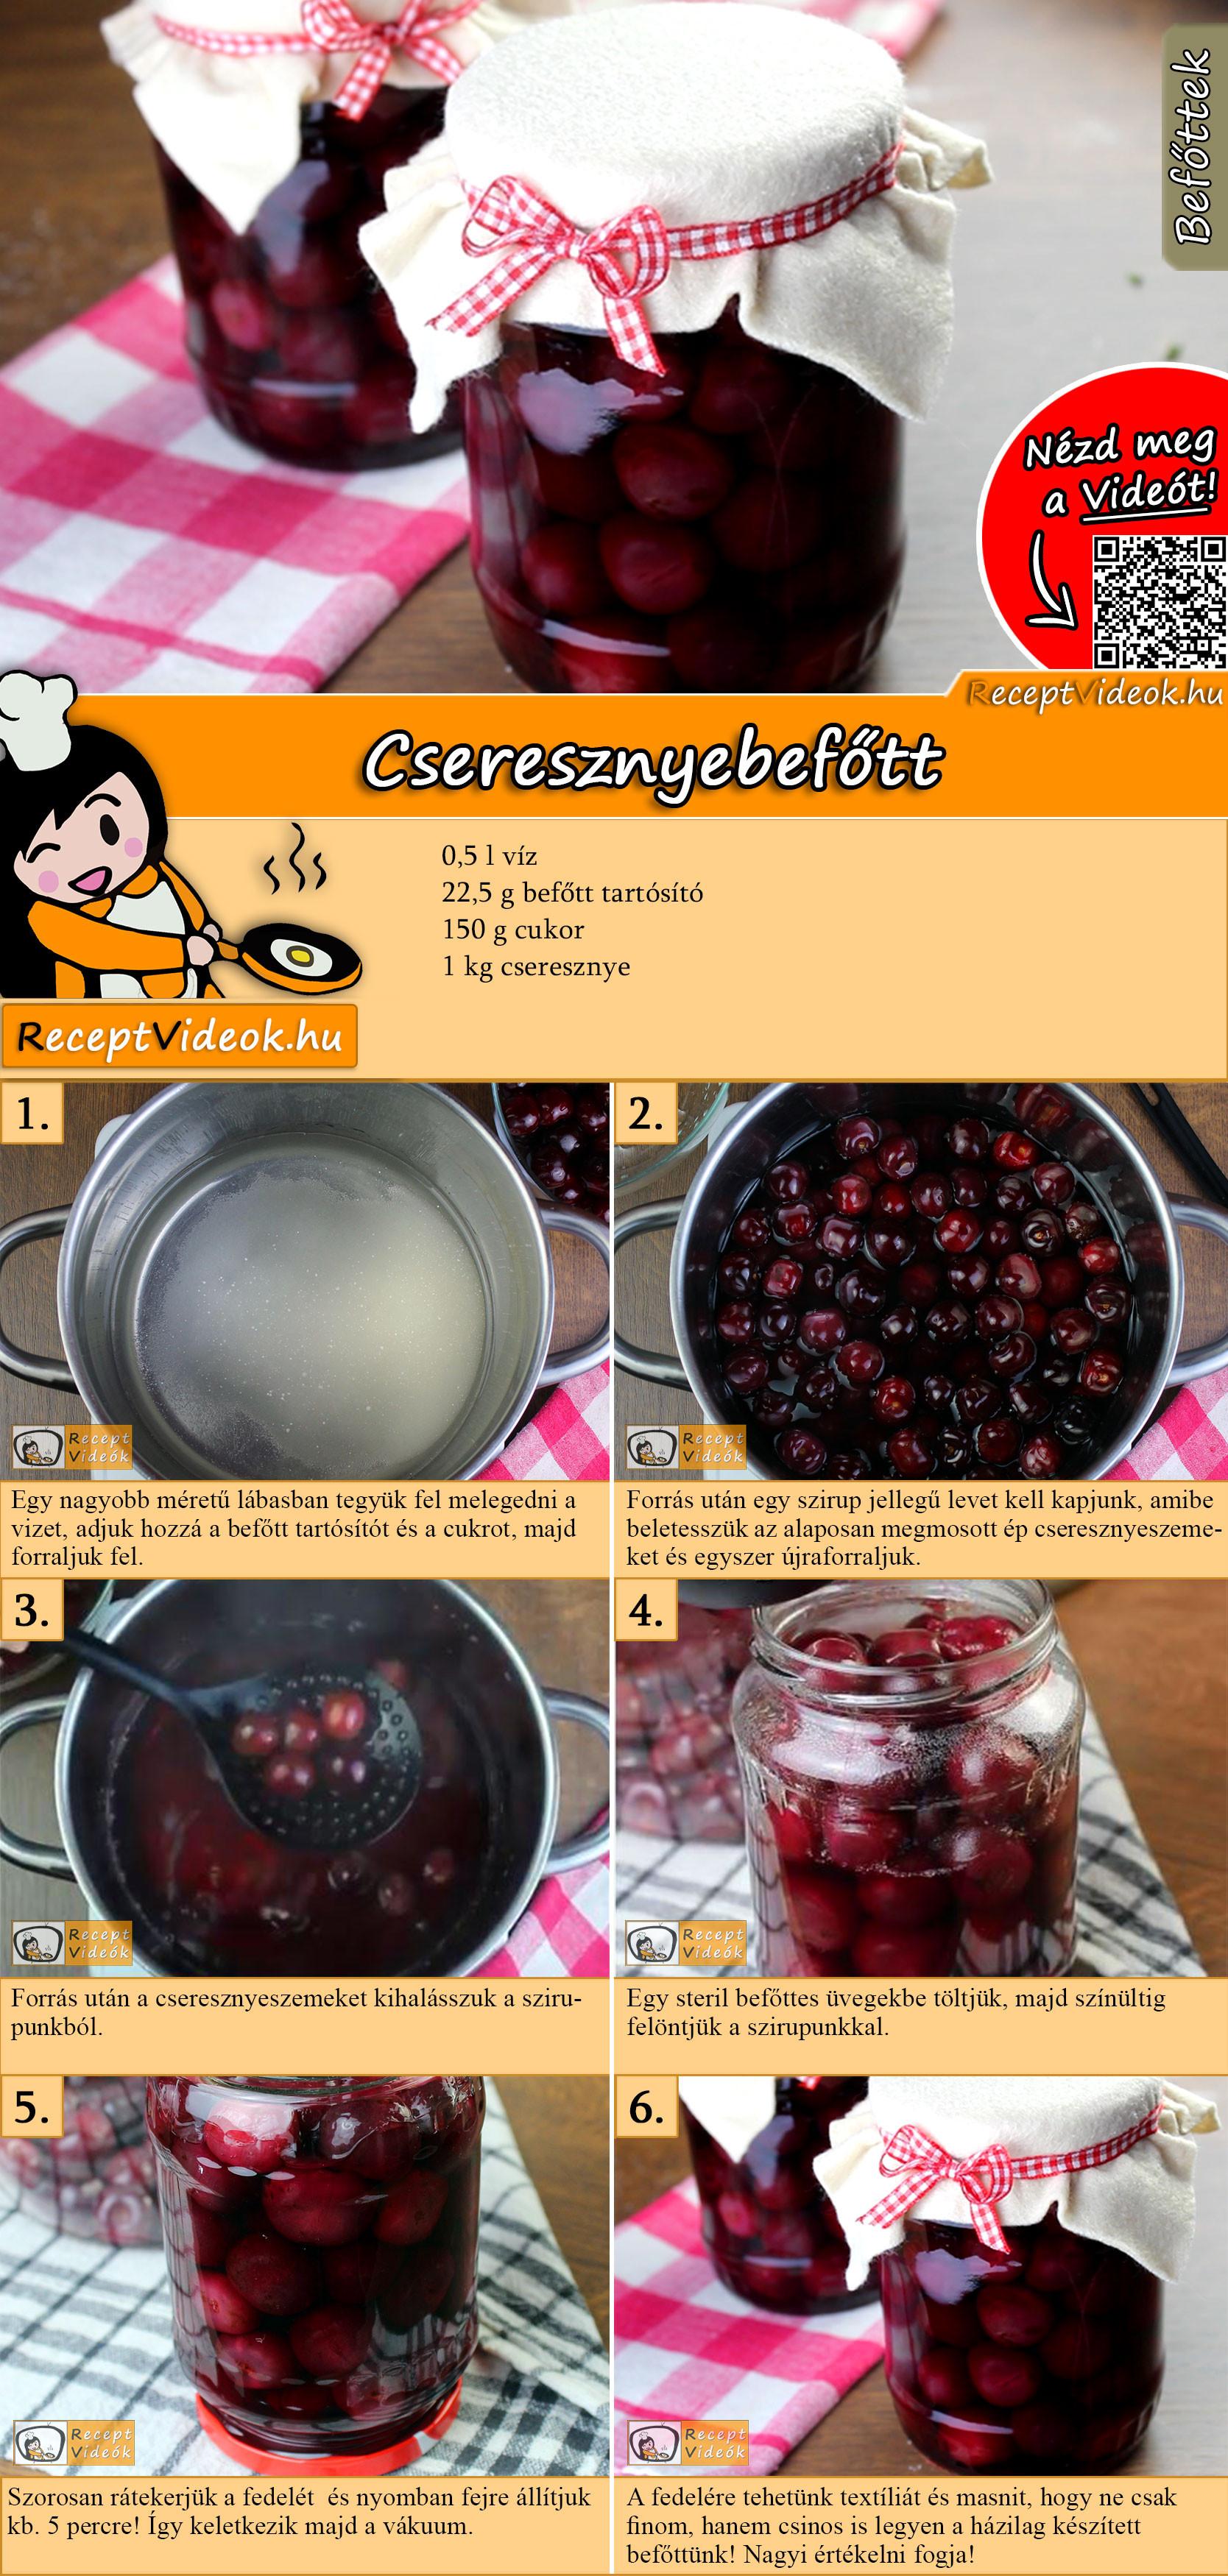 Cseresznyebefőtt recept elkészítése videóval